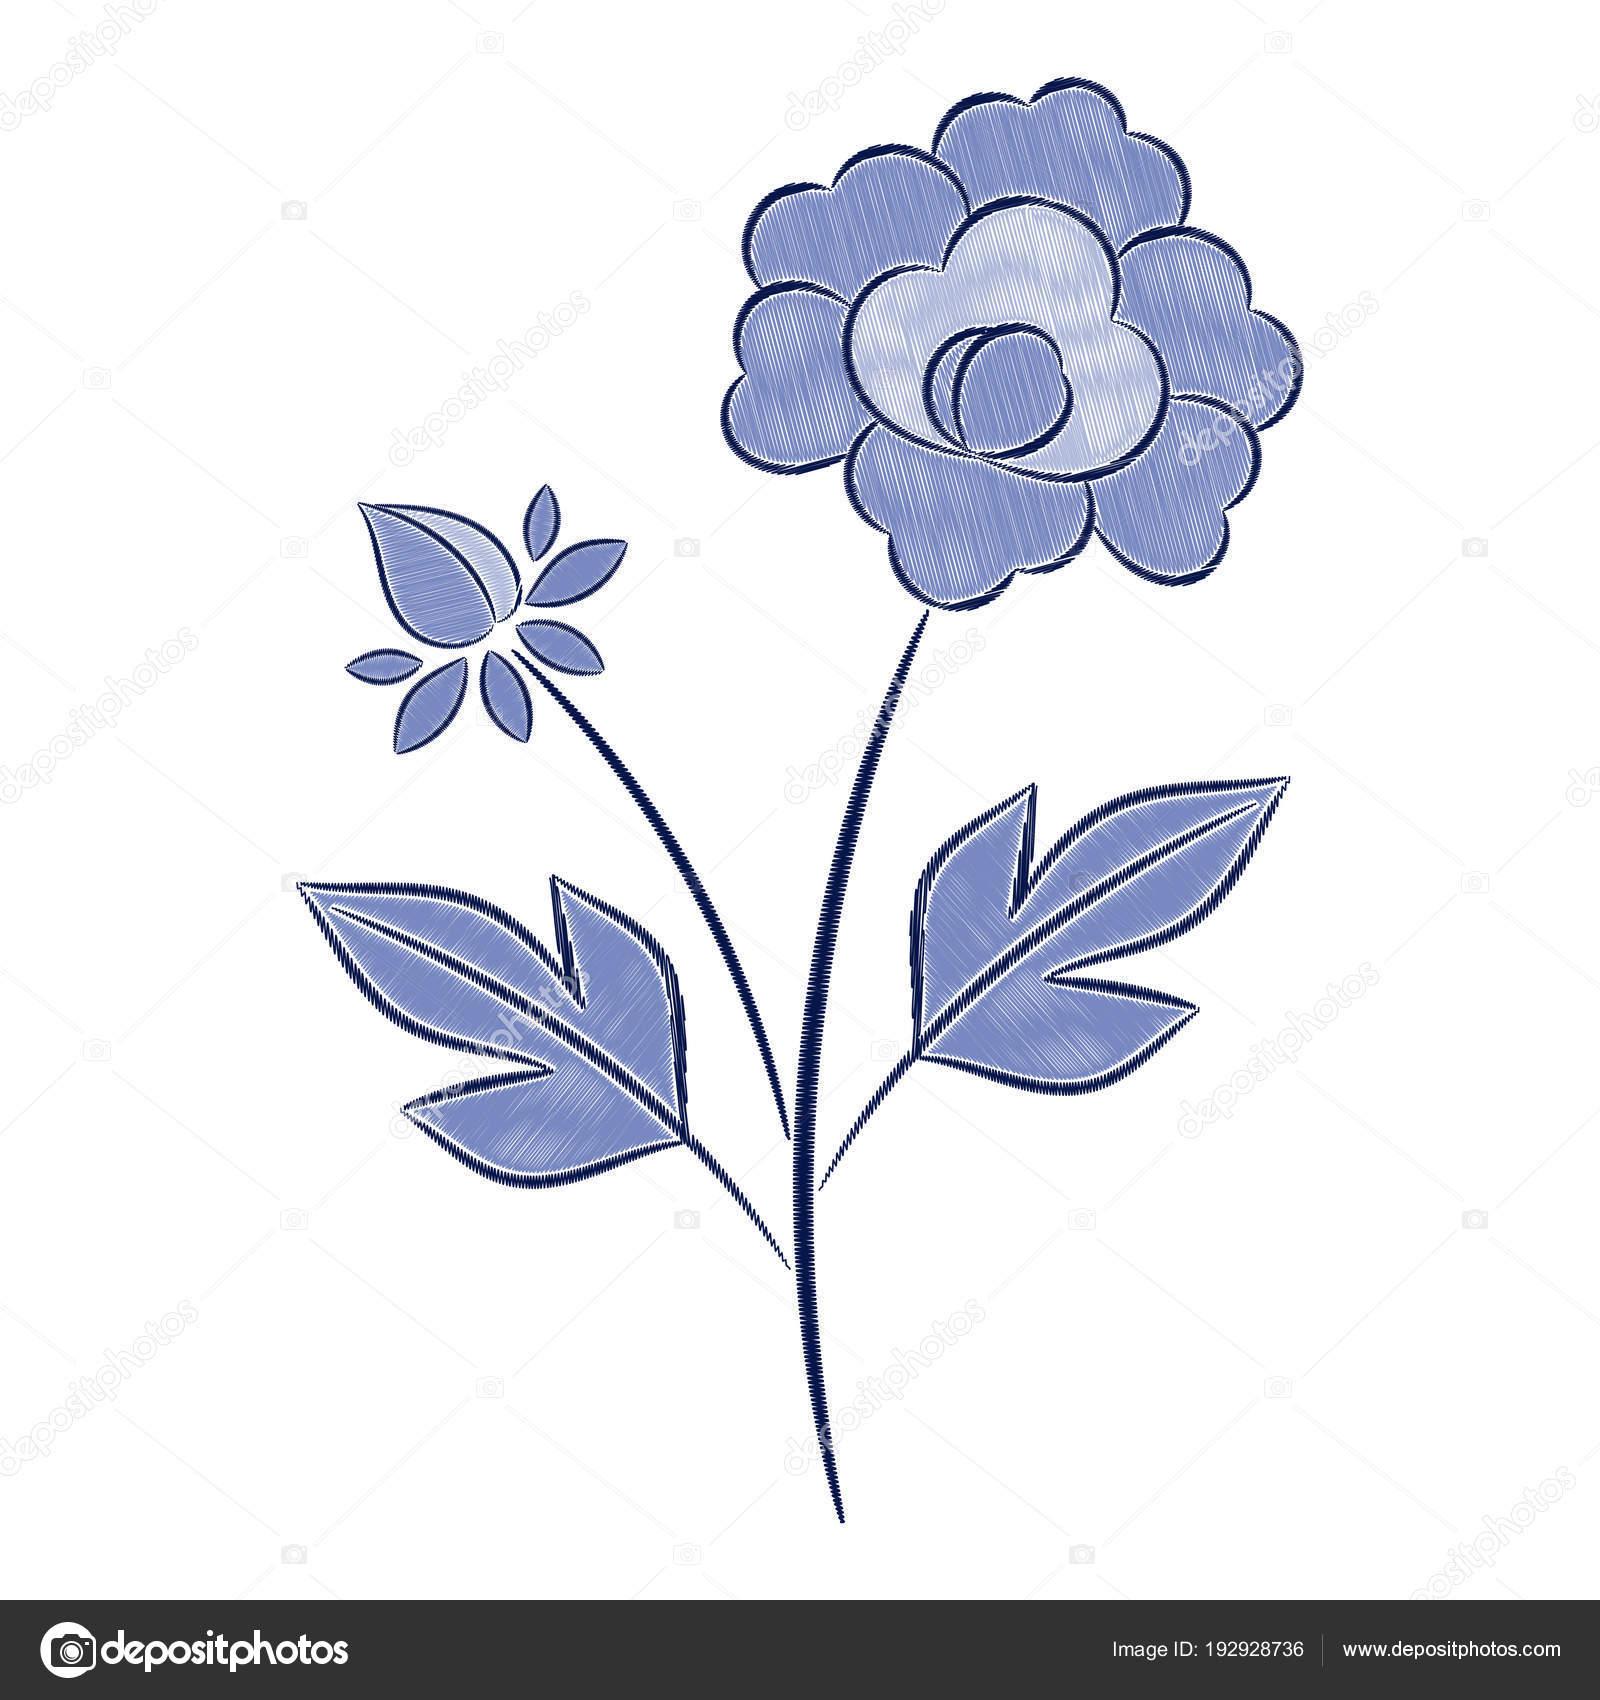 Patron flores bordado | Vector patrón de bordado de flores vintage ...